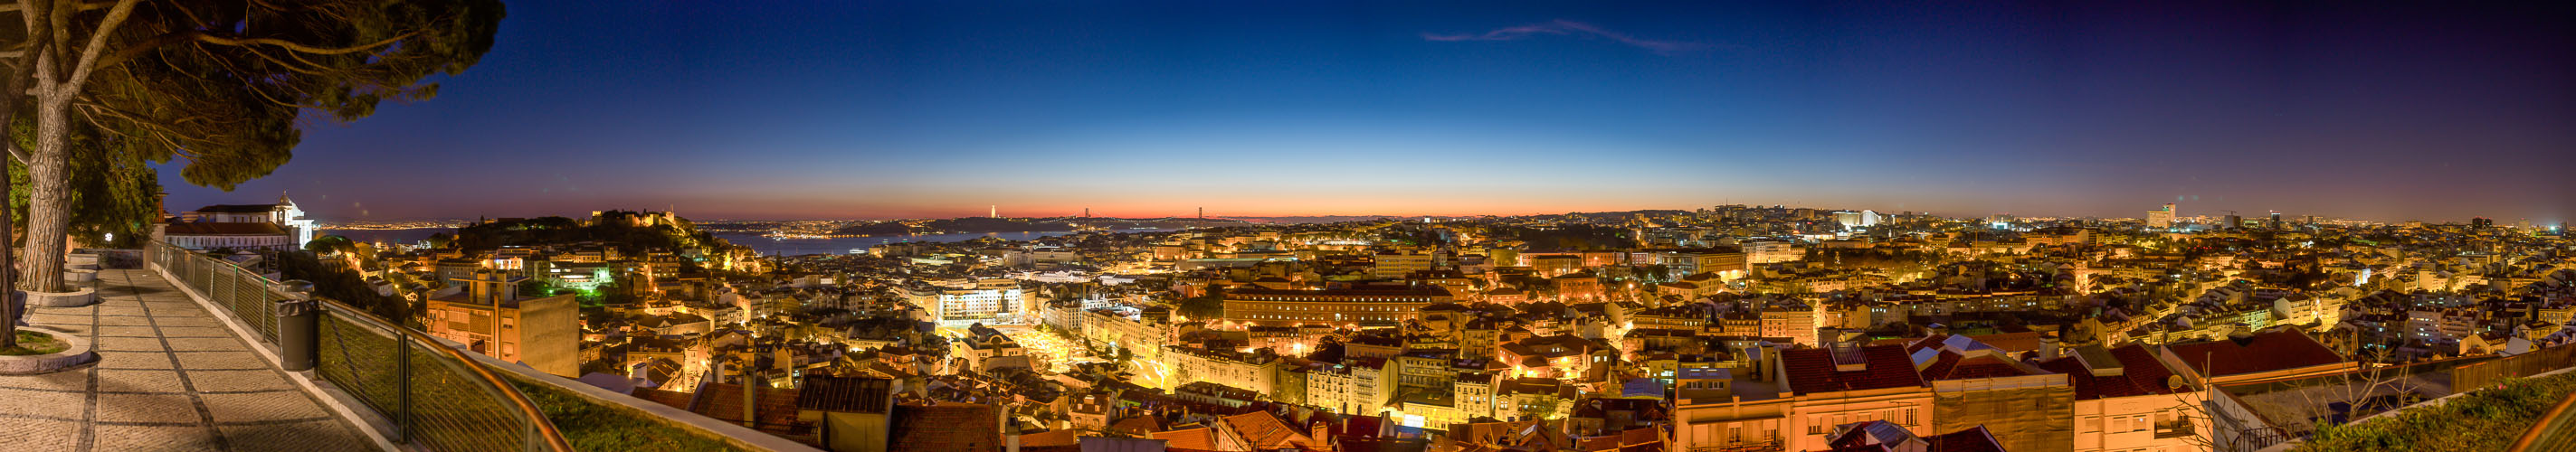 Lissabon am Ende des Tages